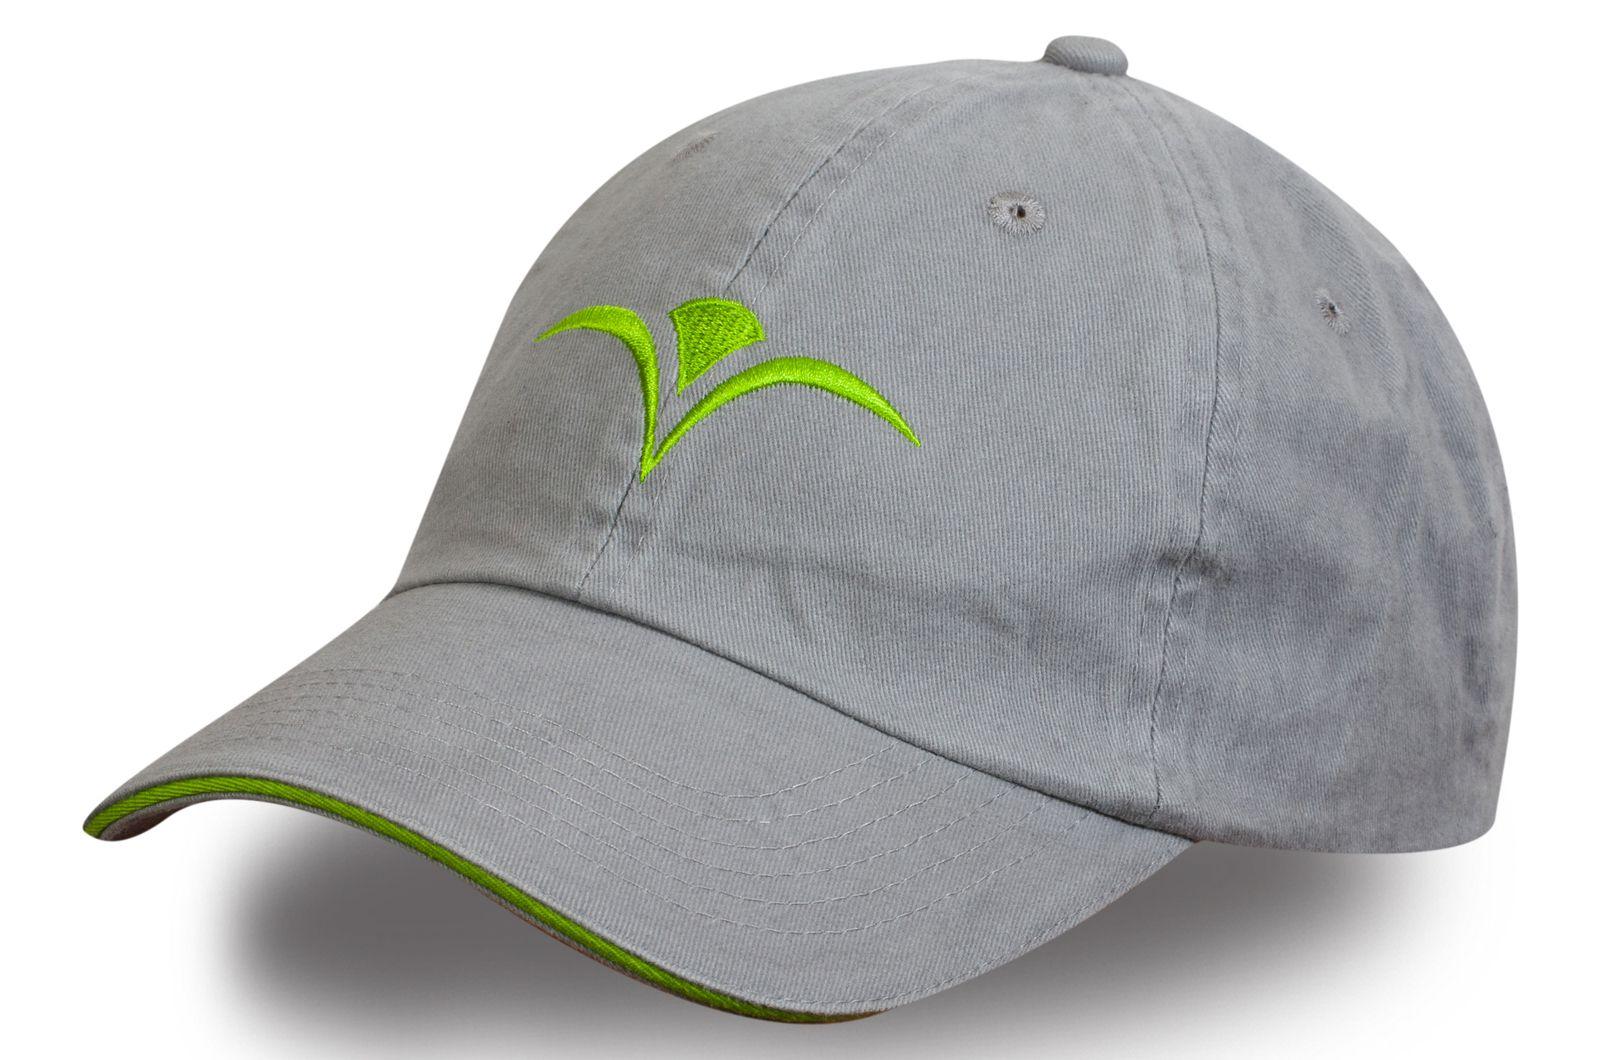 Мужская бейсболка для гольфа | Купить брендовую бейсболку в интернет-магазине